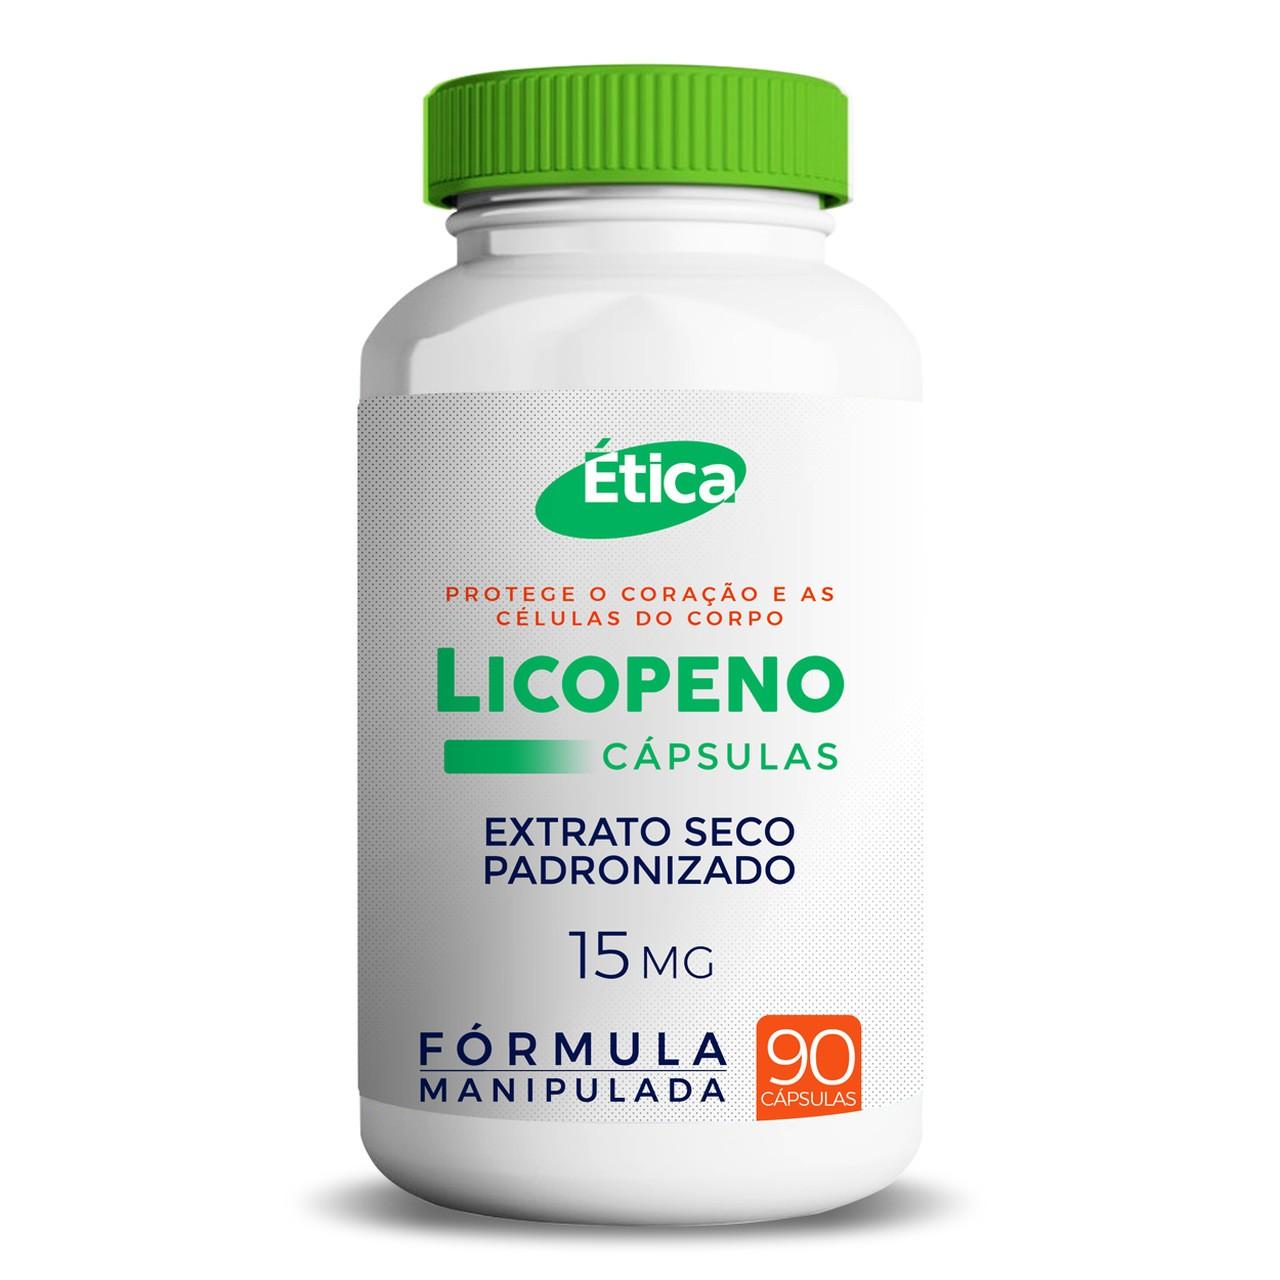 LICOPENO 15 MG - 90 Cápsulas, Antioxidante Natural do Tomate